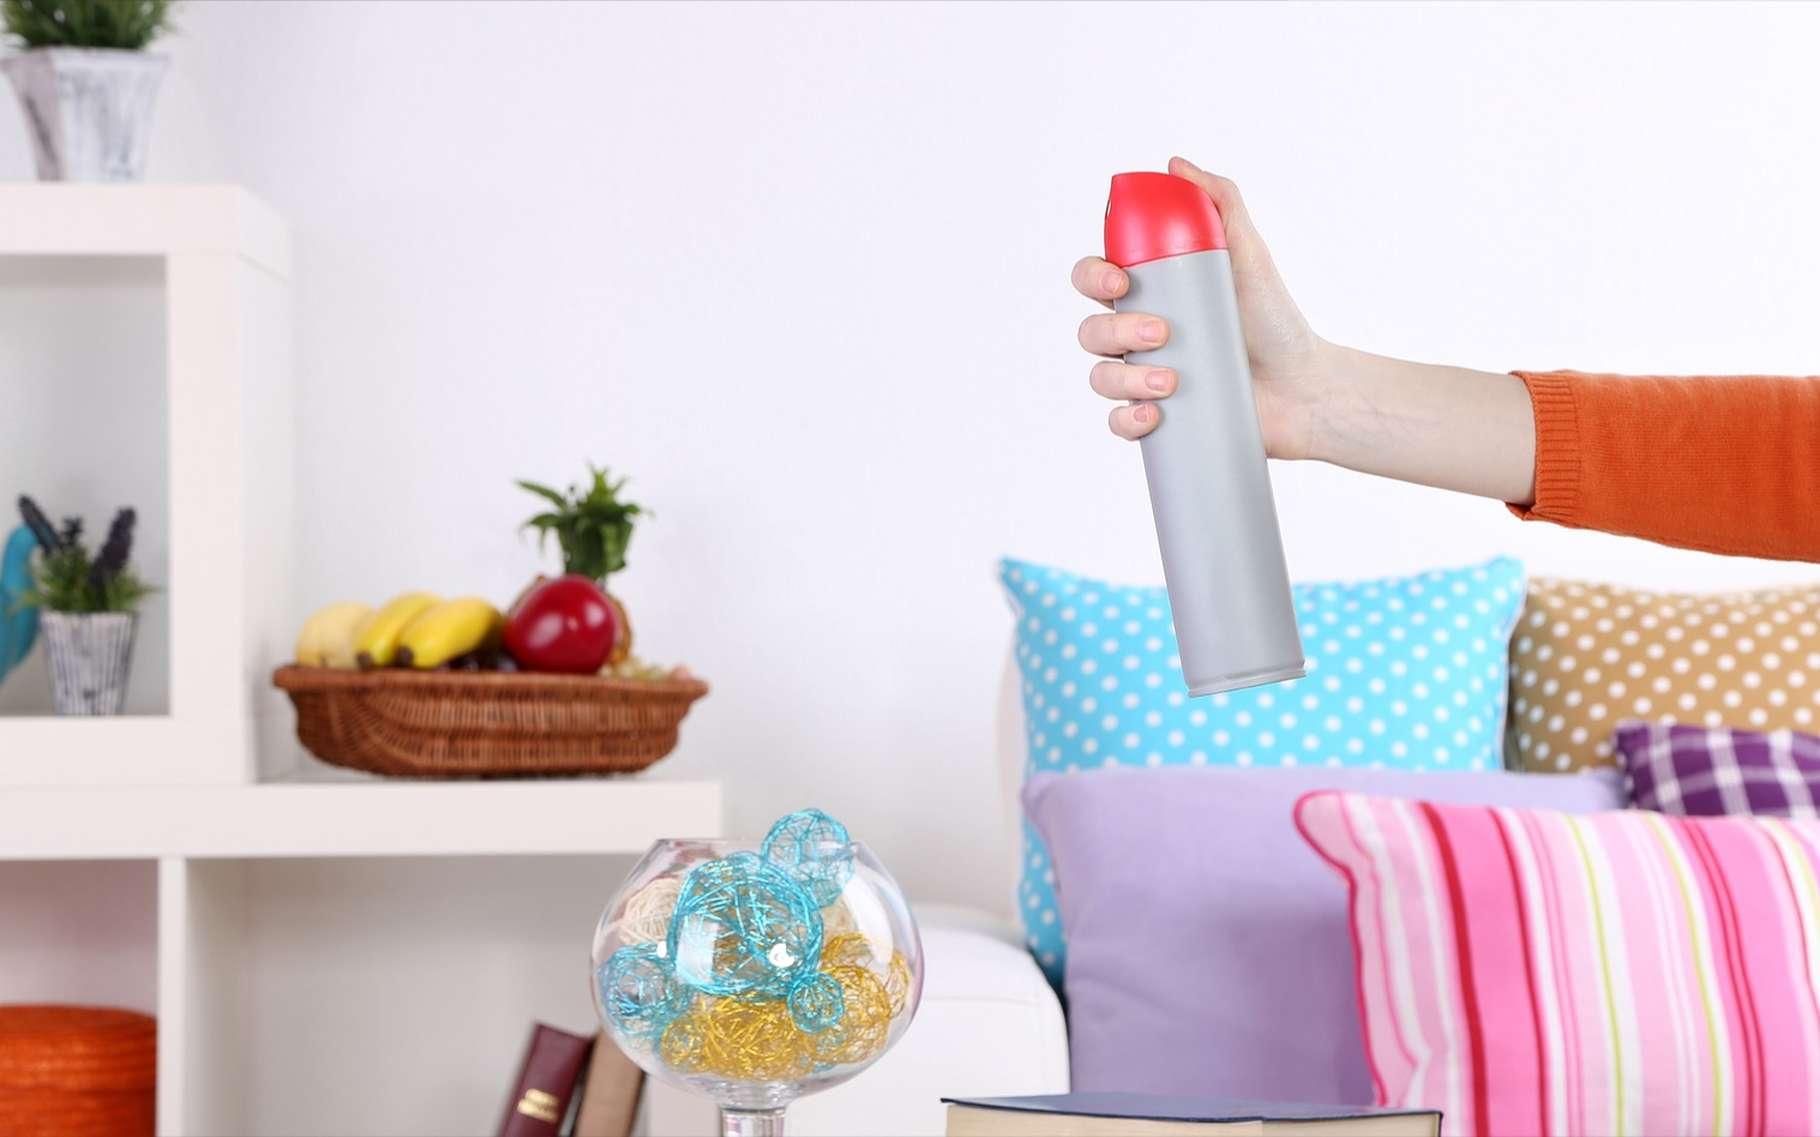 Les sprays aux huiles essentielles diffusent du limonène, qui peut provoquer des réactions chez les asthmatiques. © Africa Studio, Shutterstock